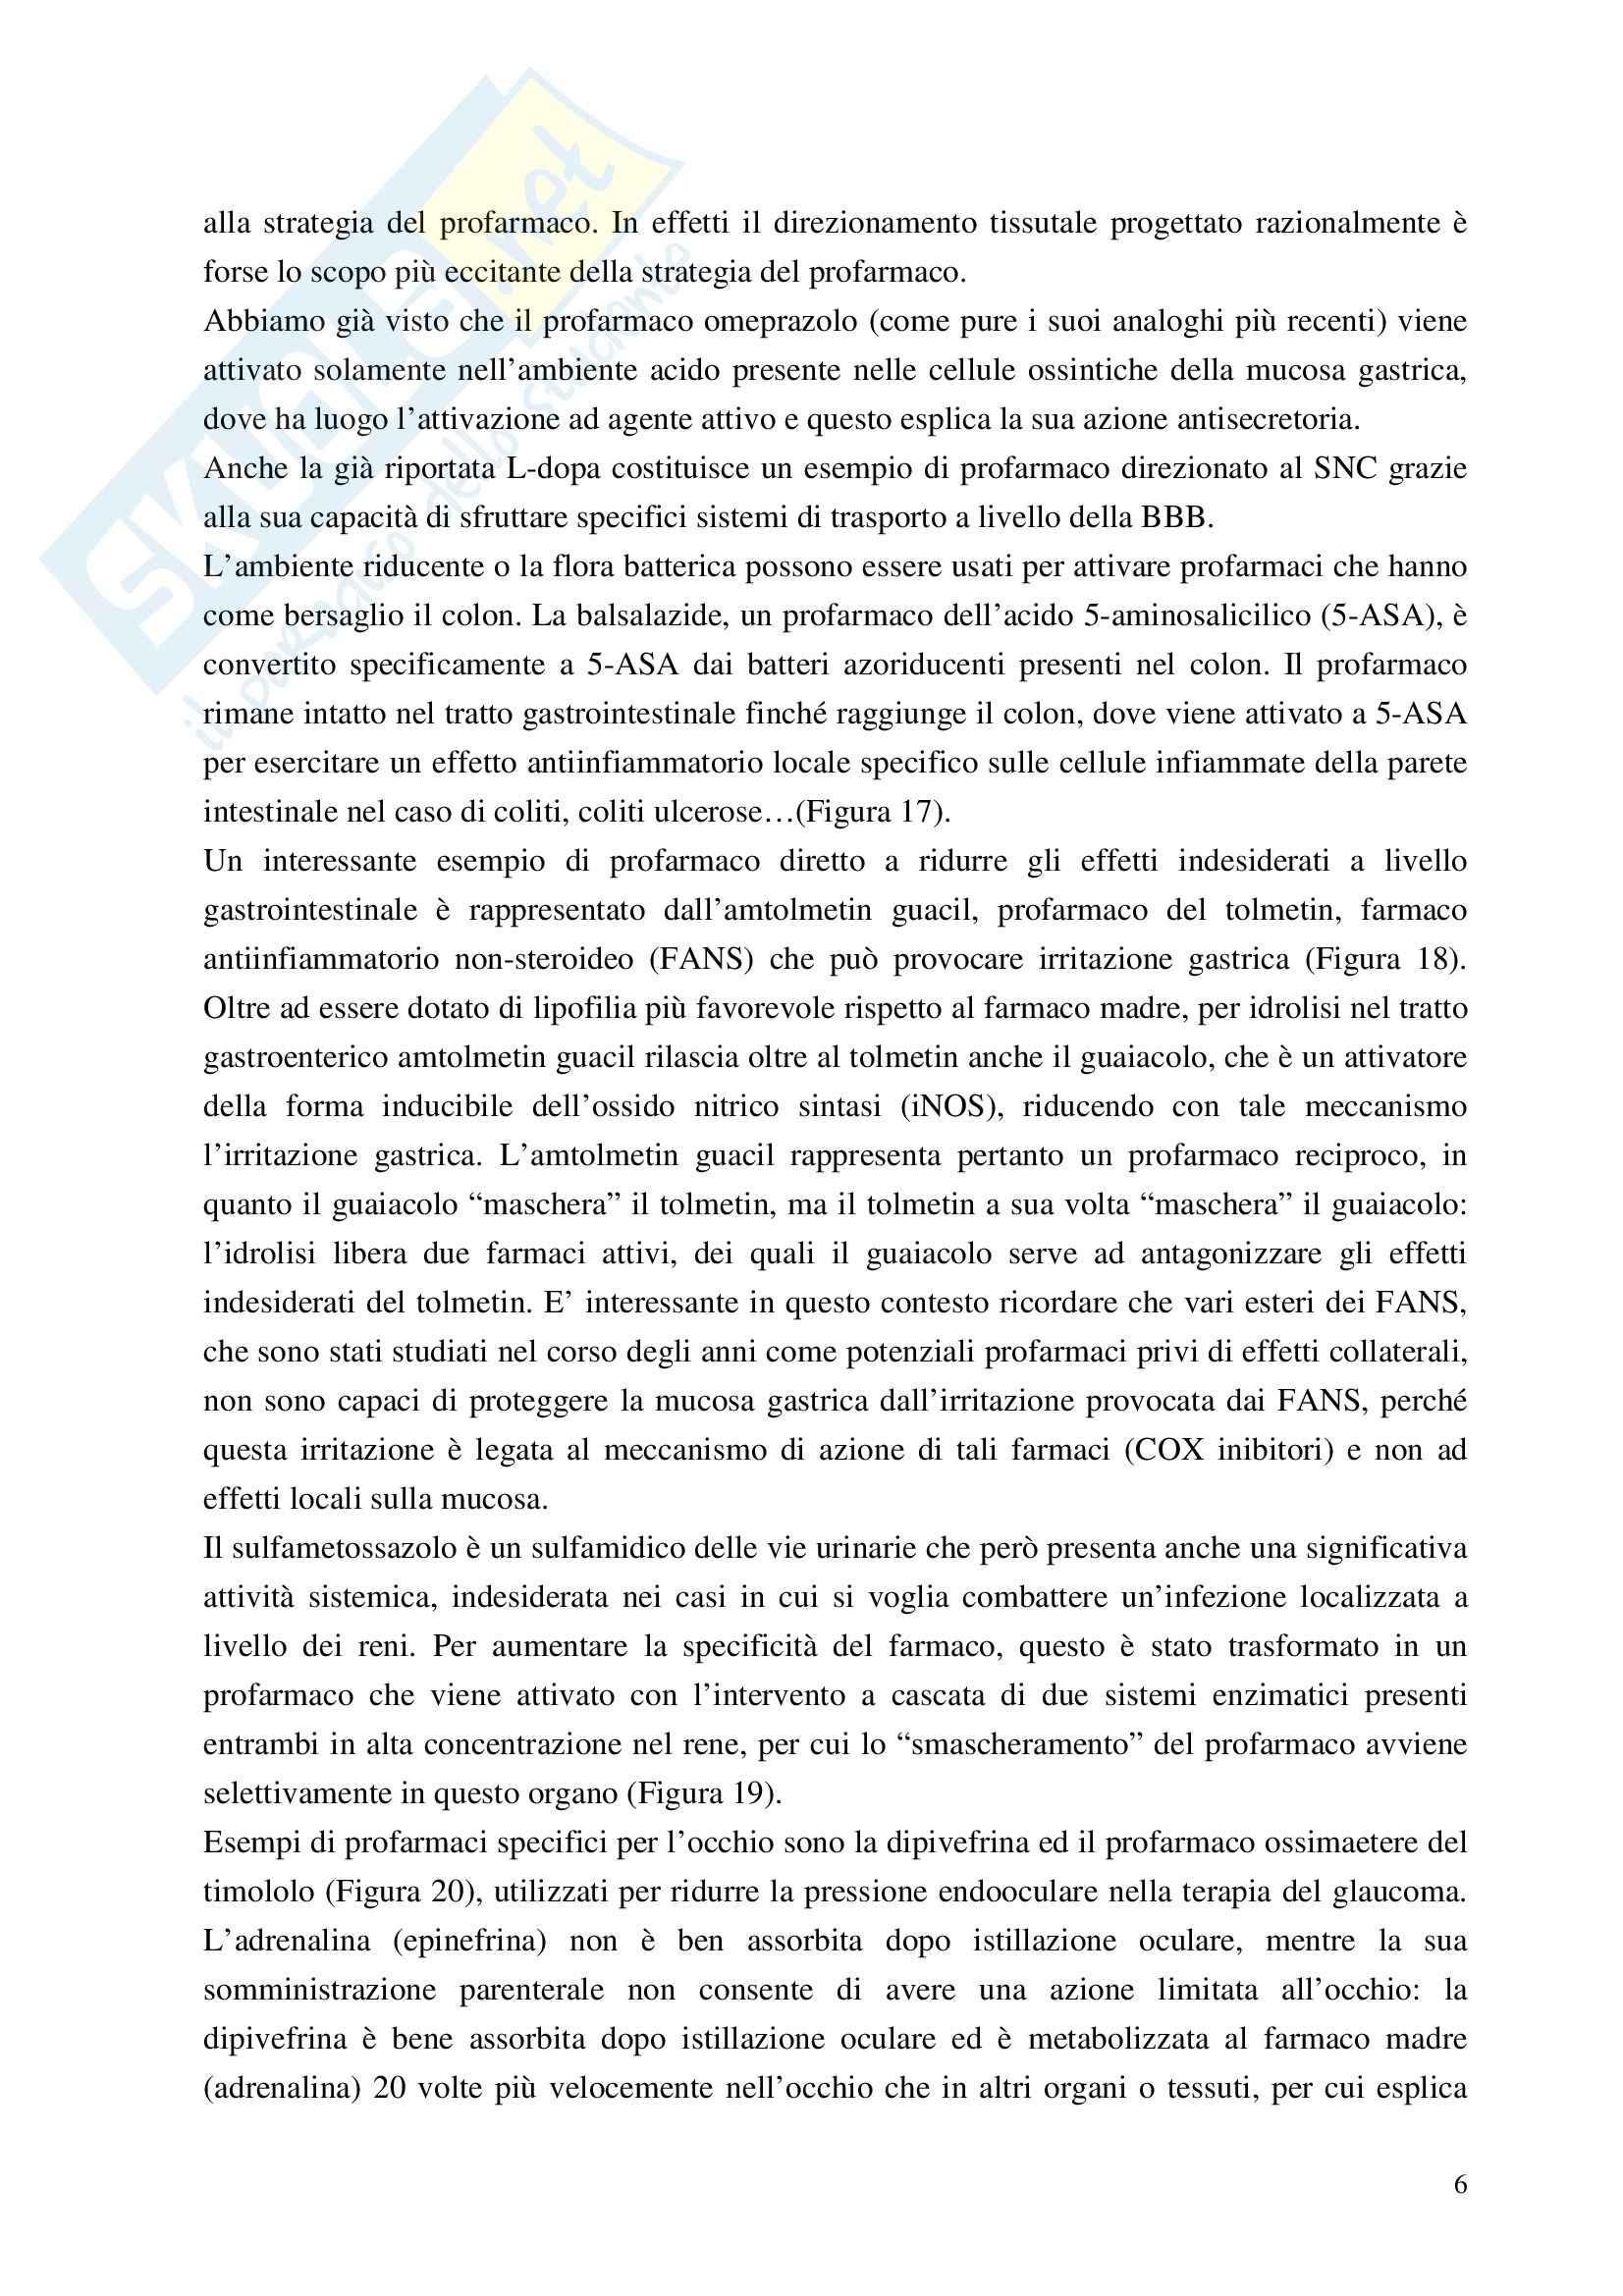 Chimica farmaceutica - i profarmaci Pag. 6